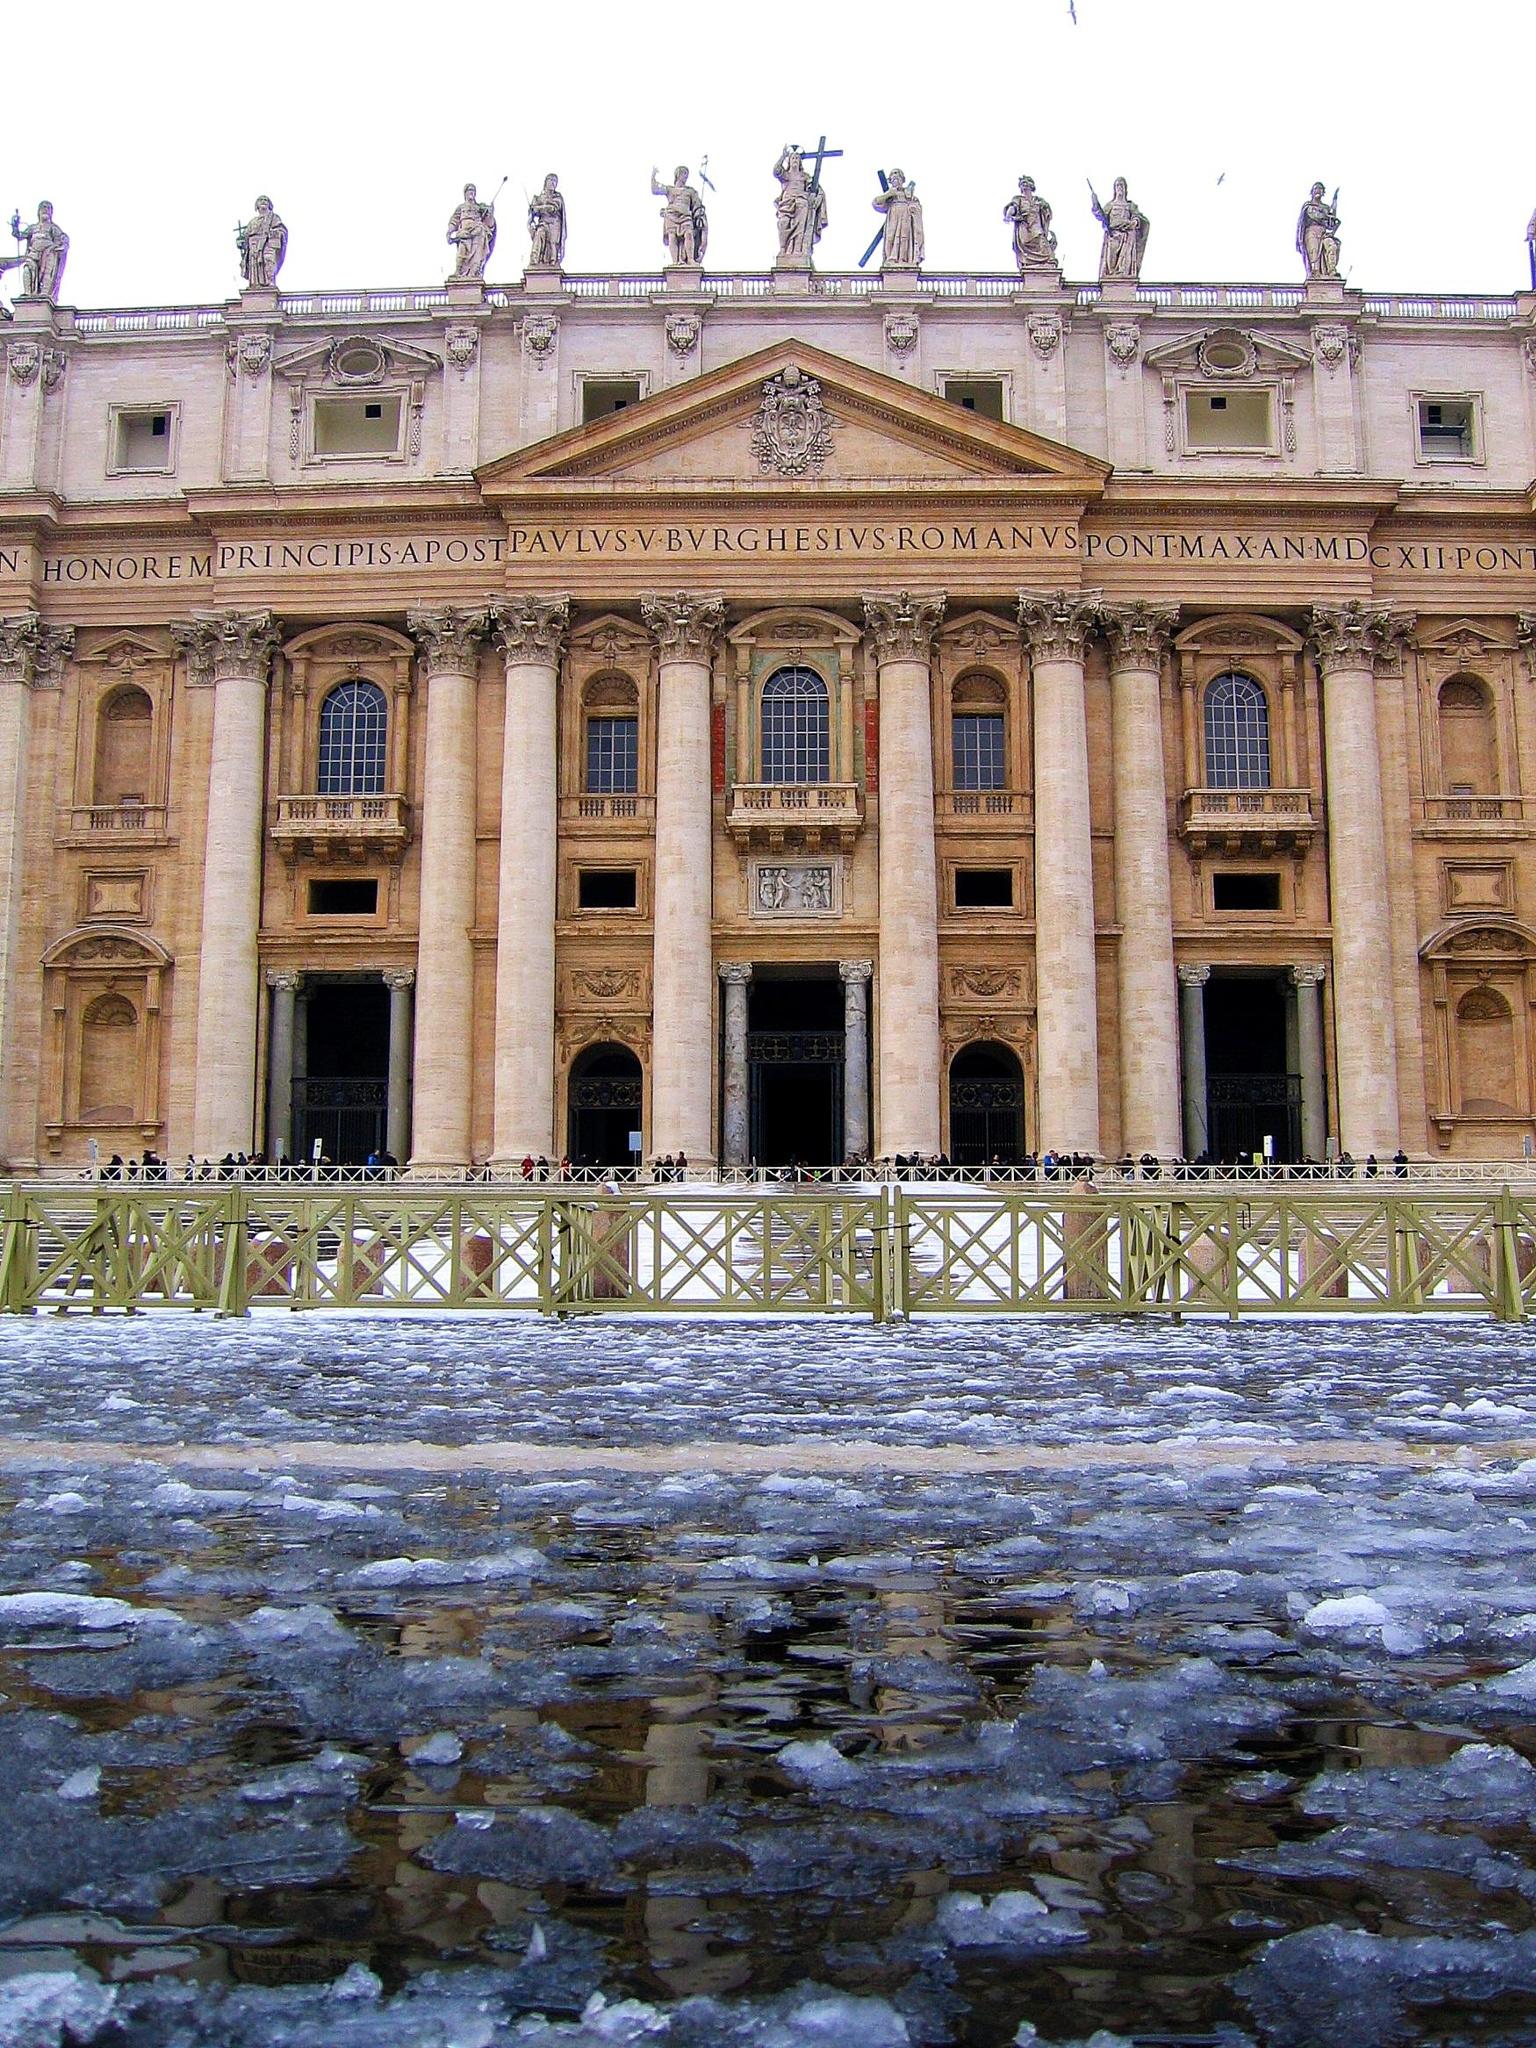 basilica roma by Ph.Dg.Mi. cosimo maietta